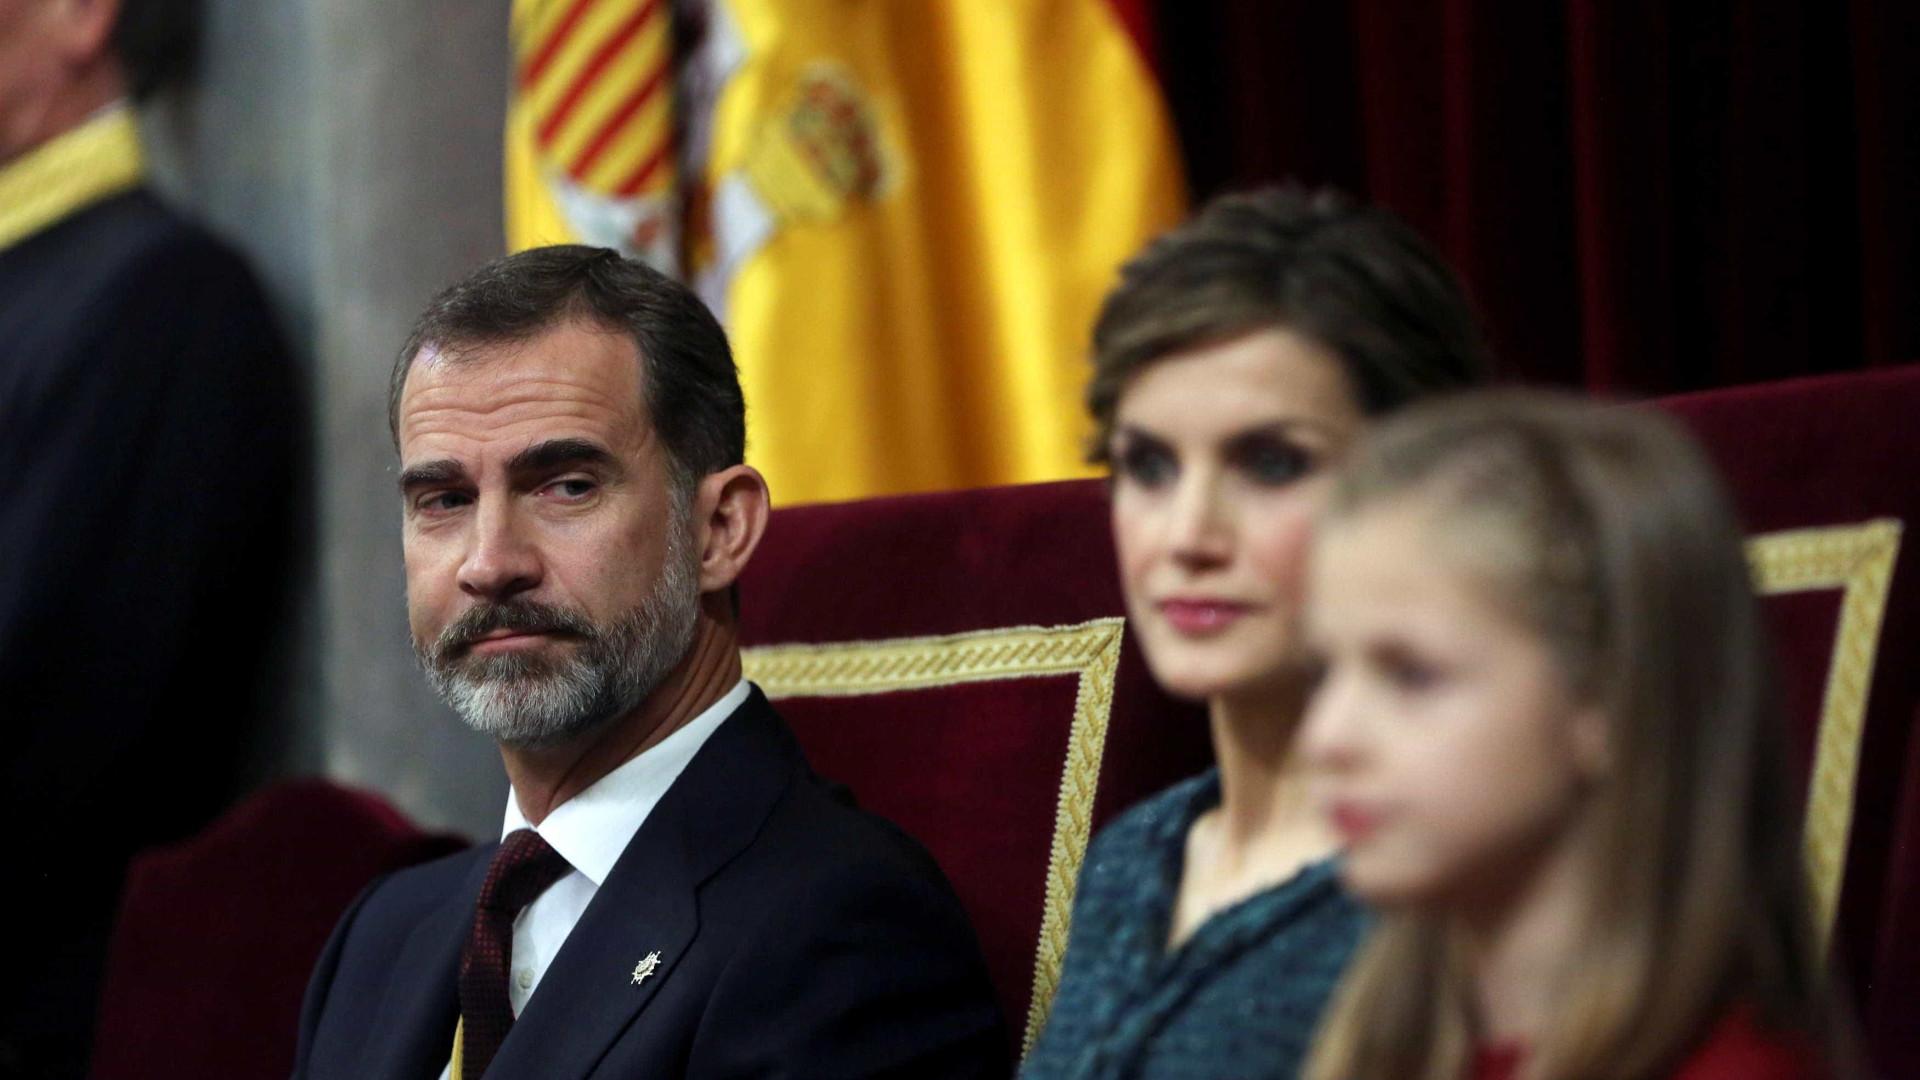 """Rei espanhol sublinha """"proximidade e boa vizinhança"""" com Portugal"""